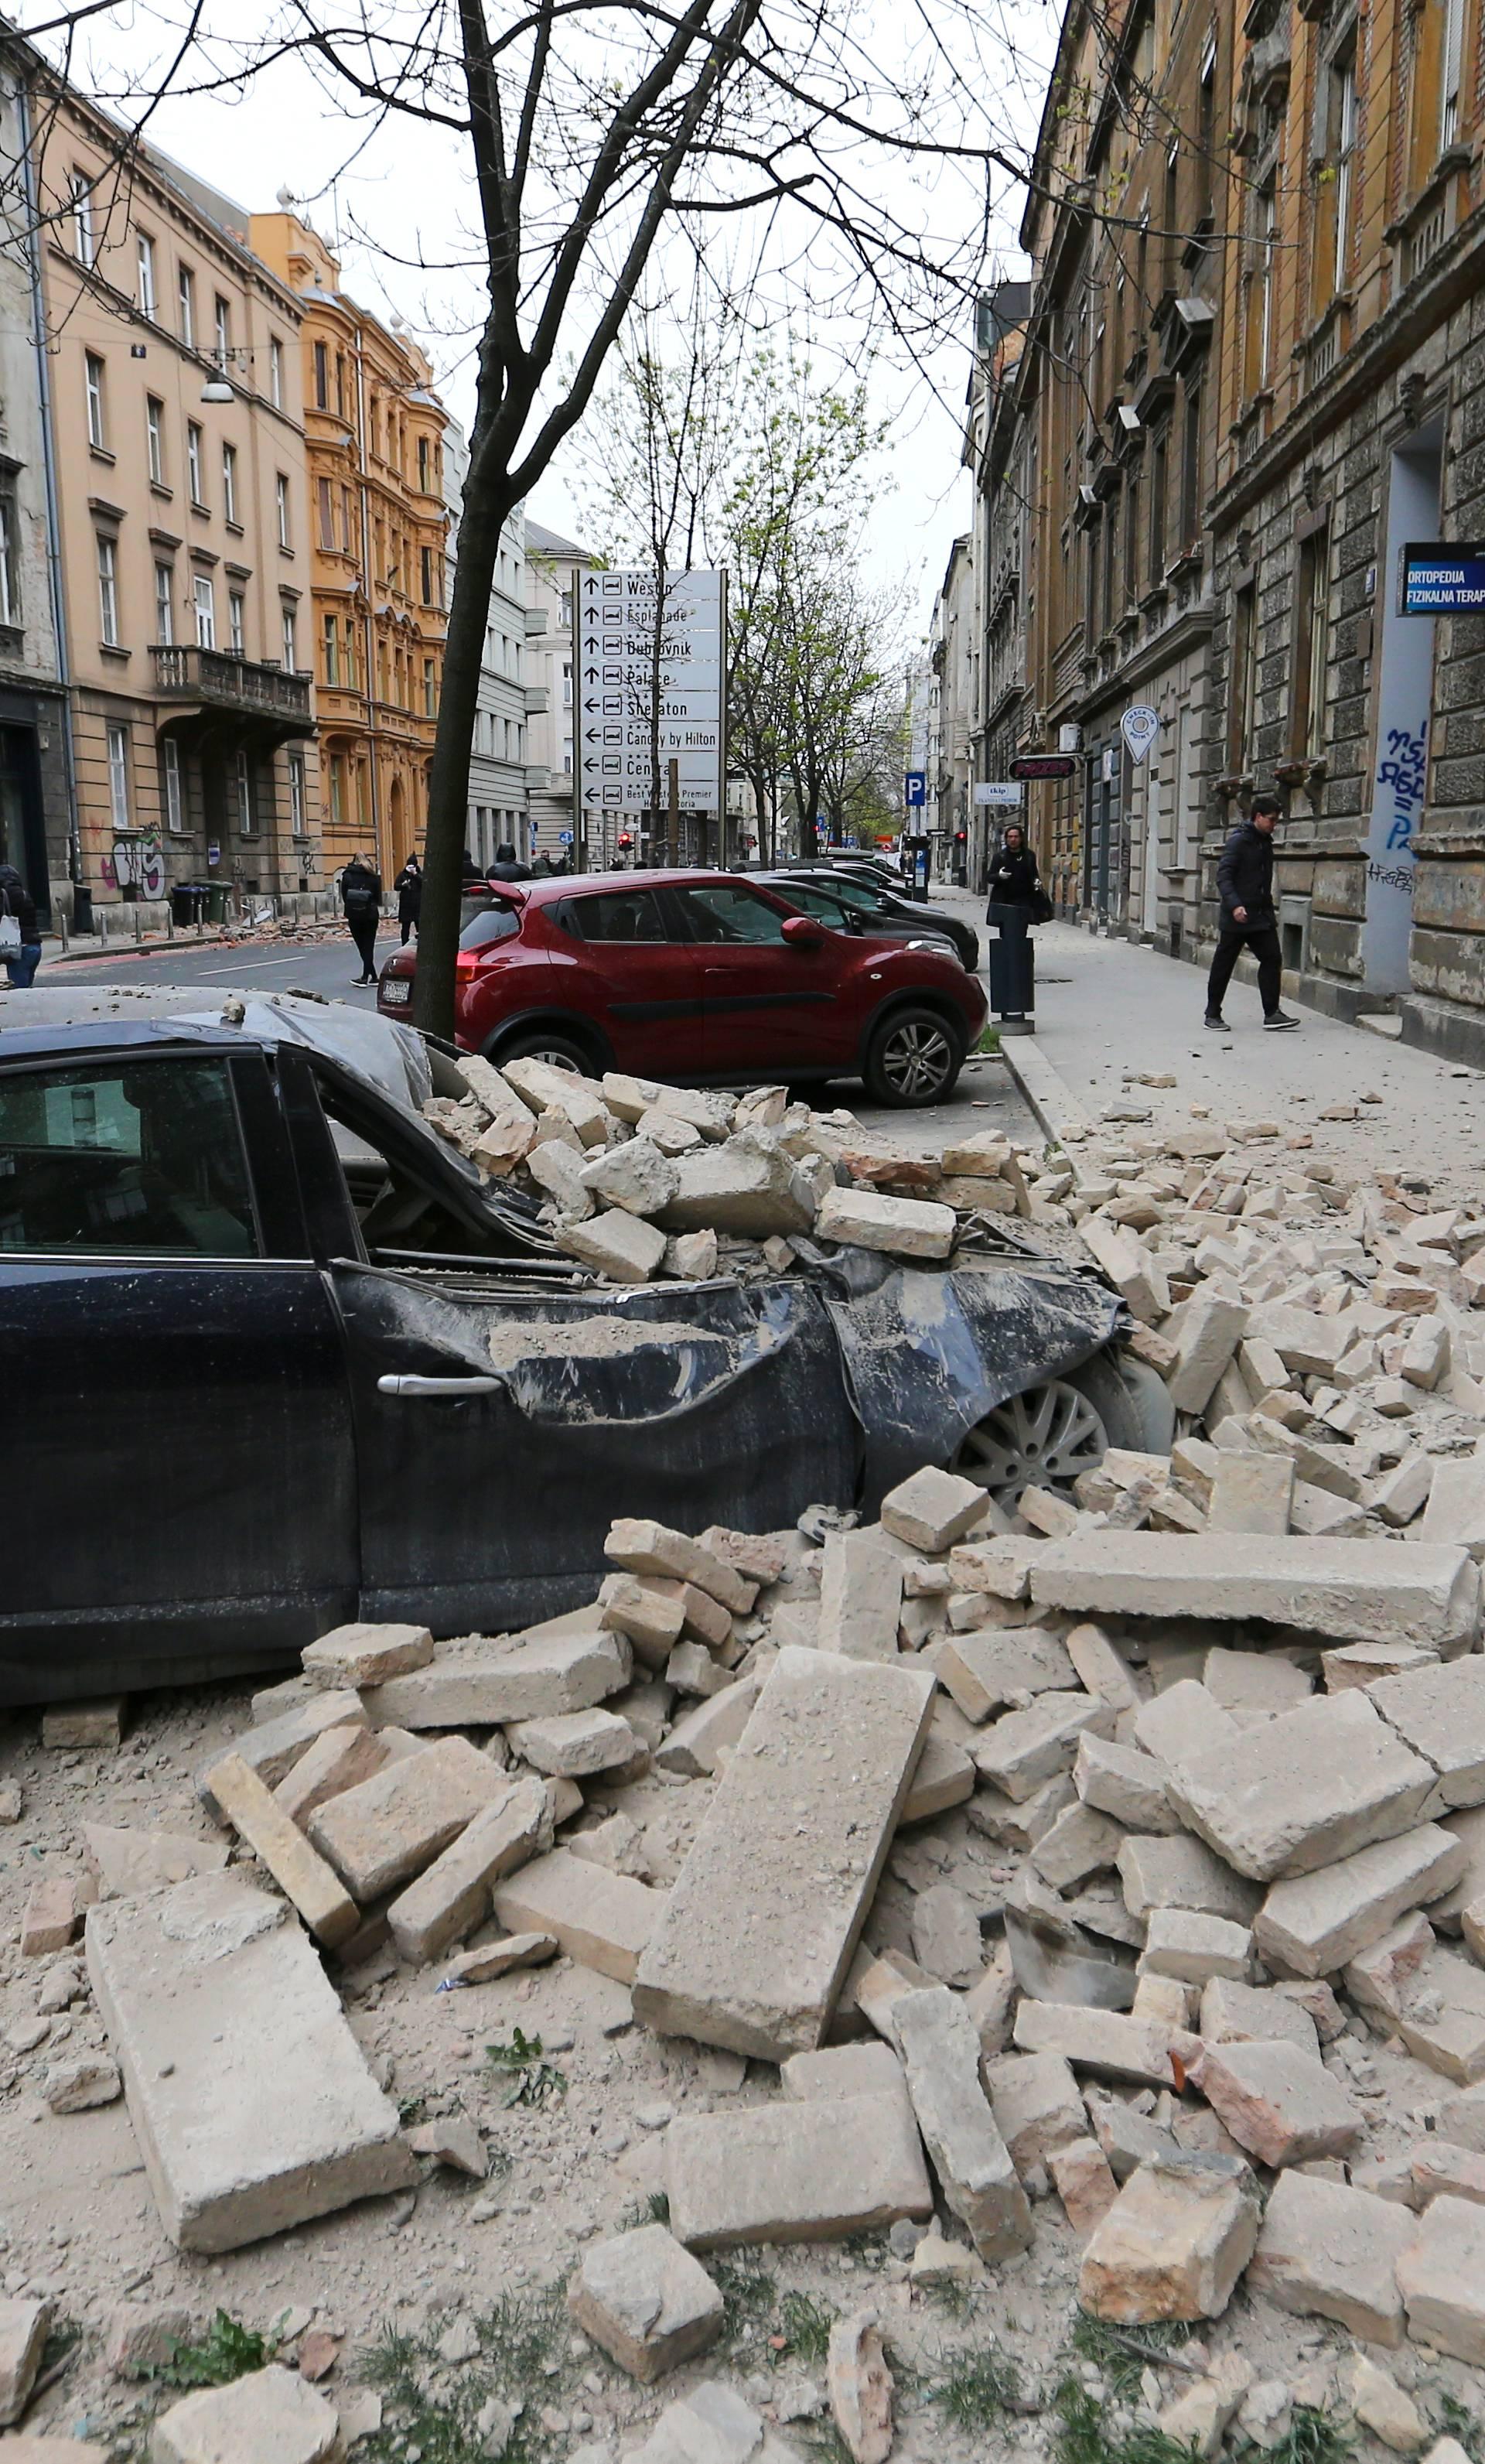 Provjerite ugovore, osiguranje od potresa je dopunski rizik...